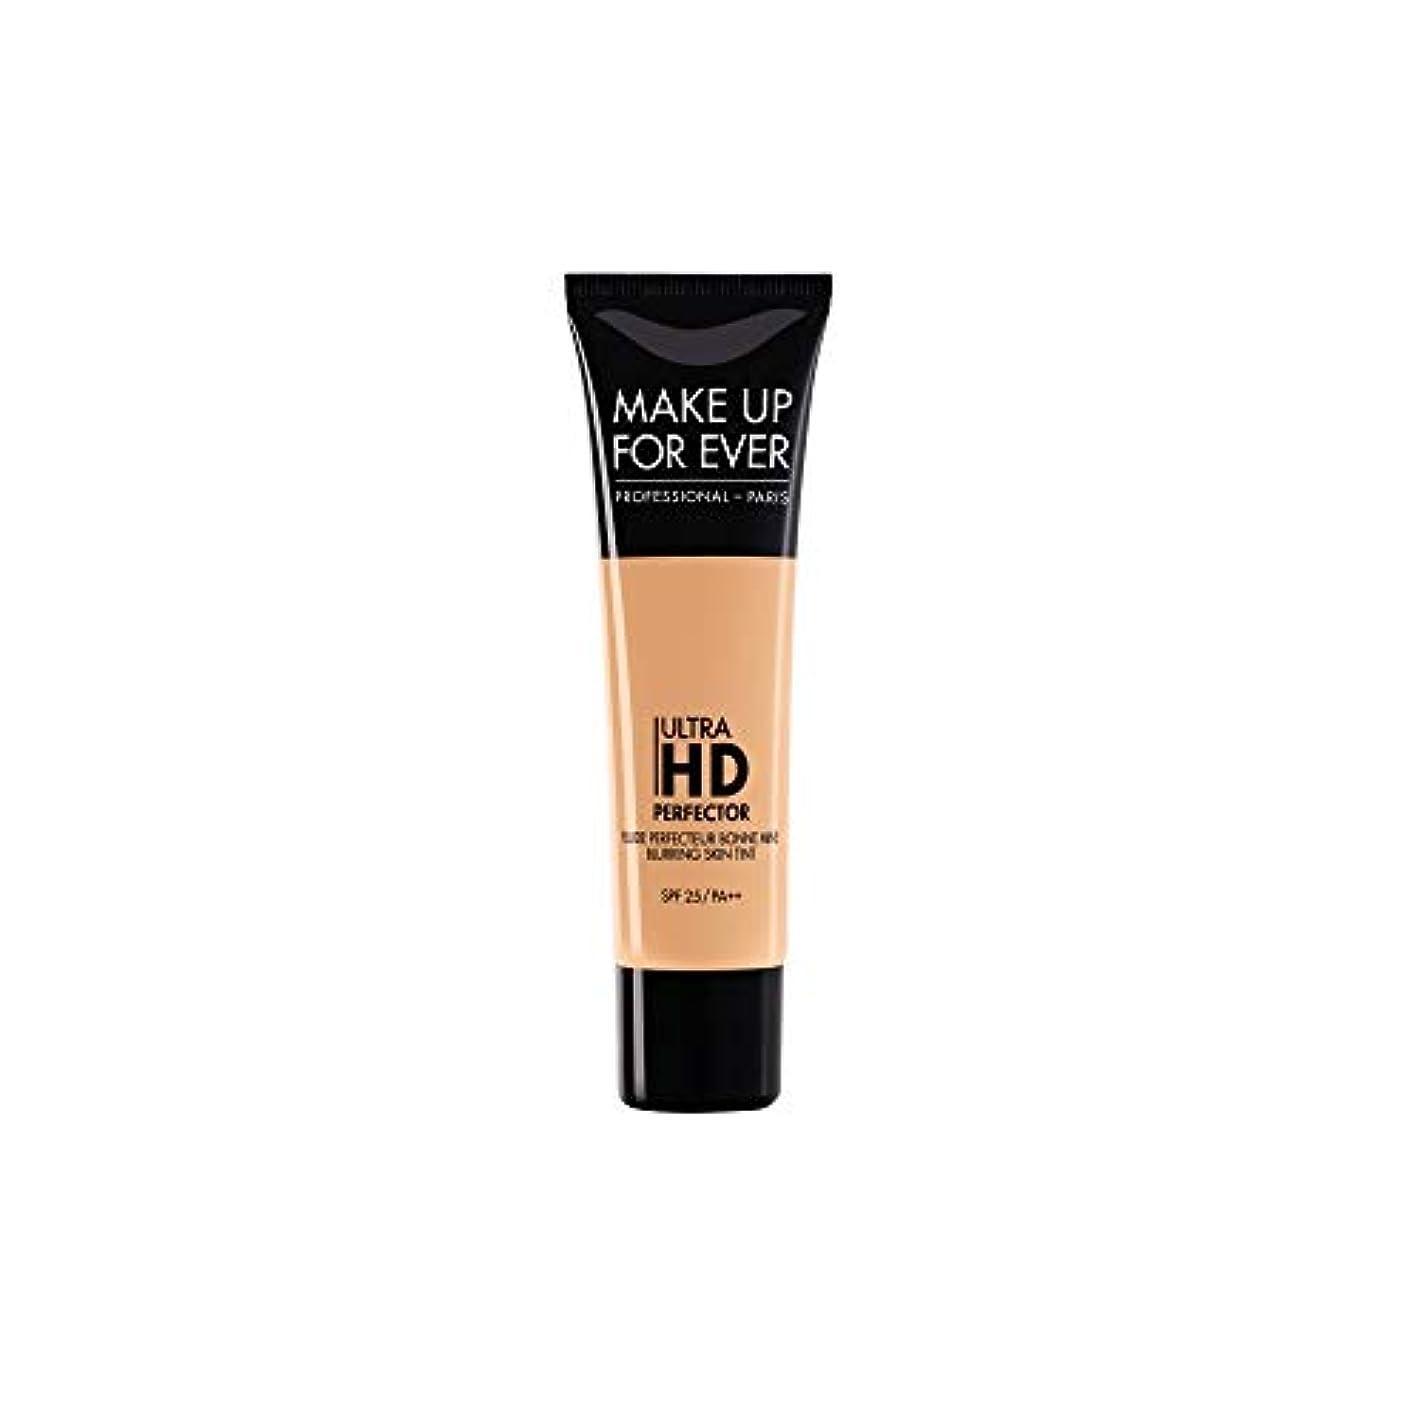 安定生じる衝突コースメイクアップフォーエバー Ultra HD Perfector Blurring Skin Tint SPF25 - # 07 Golden Apricot 30ml/1.01oz並行輸入品